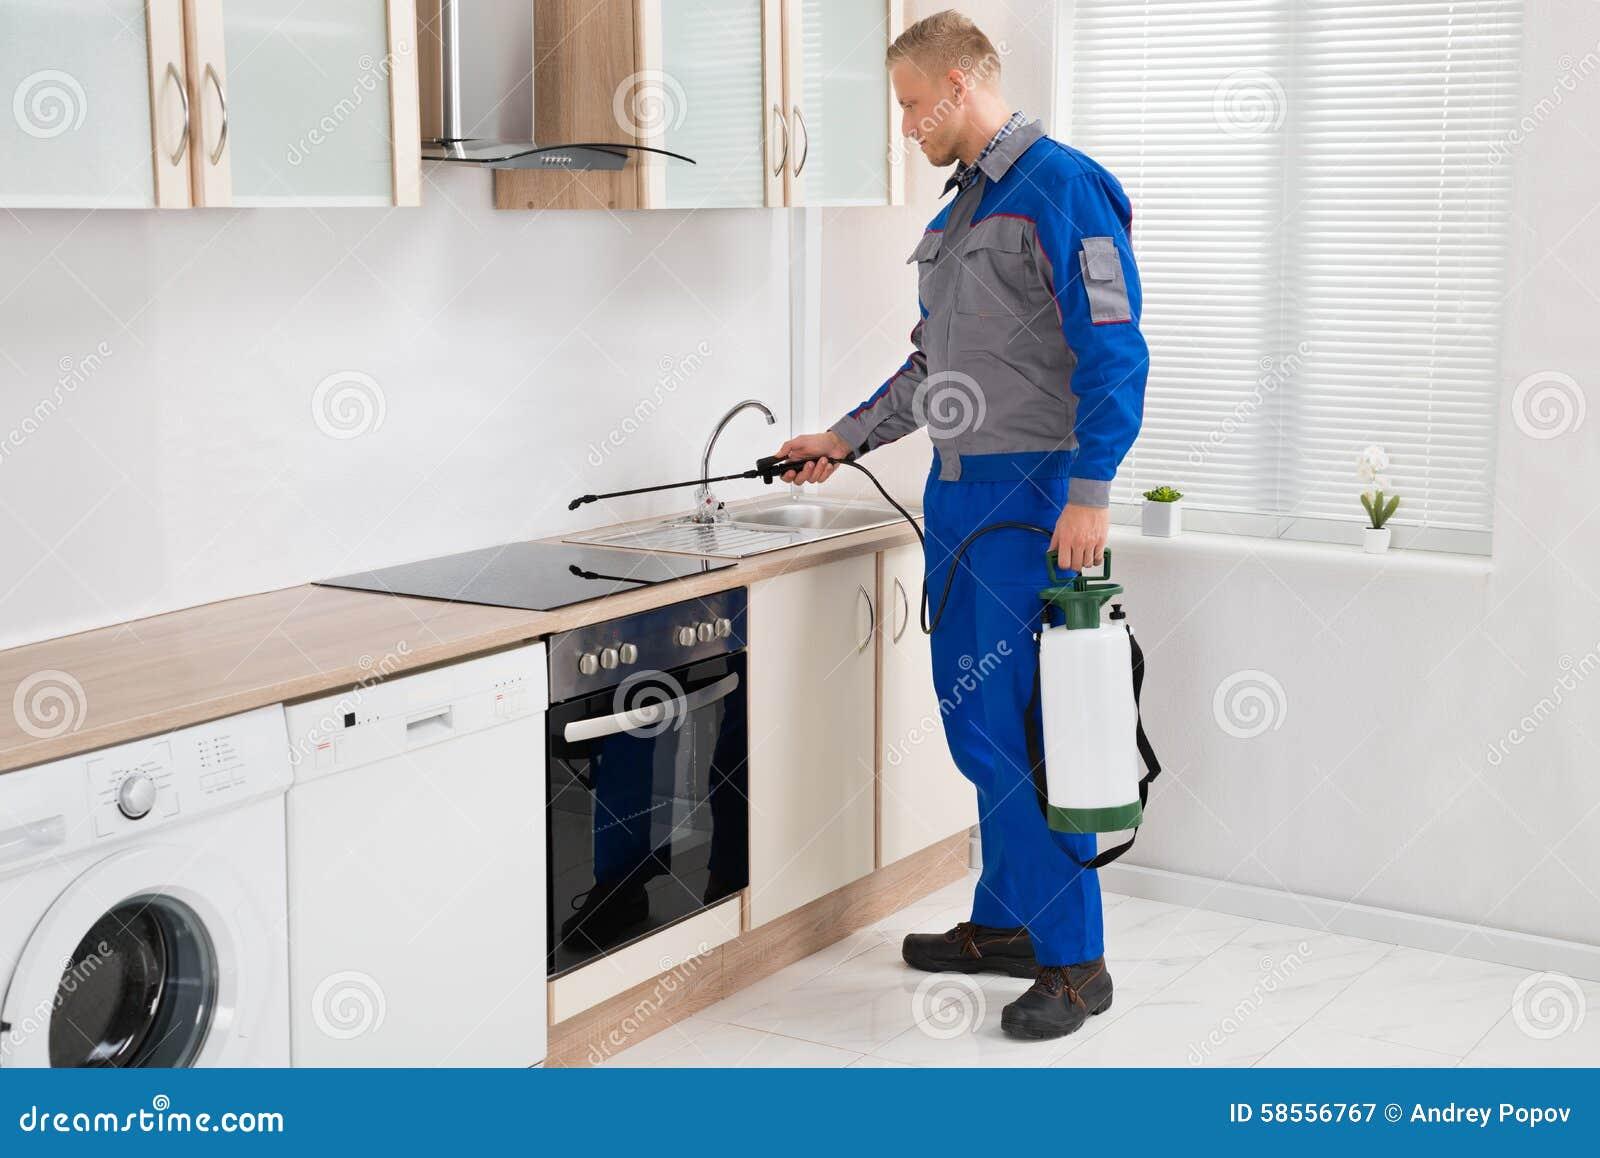 Kitchen Cabinet Worker